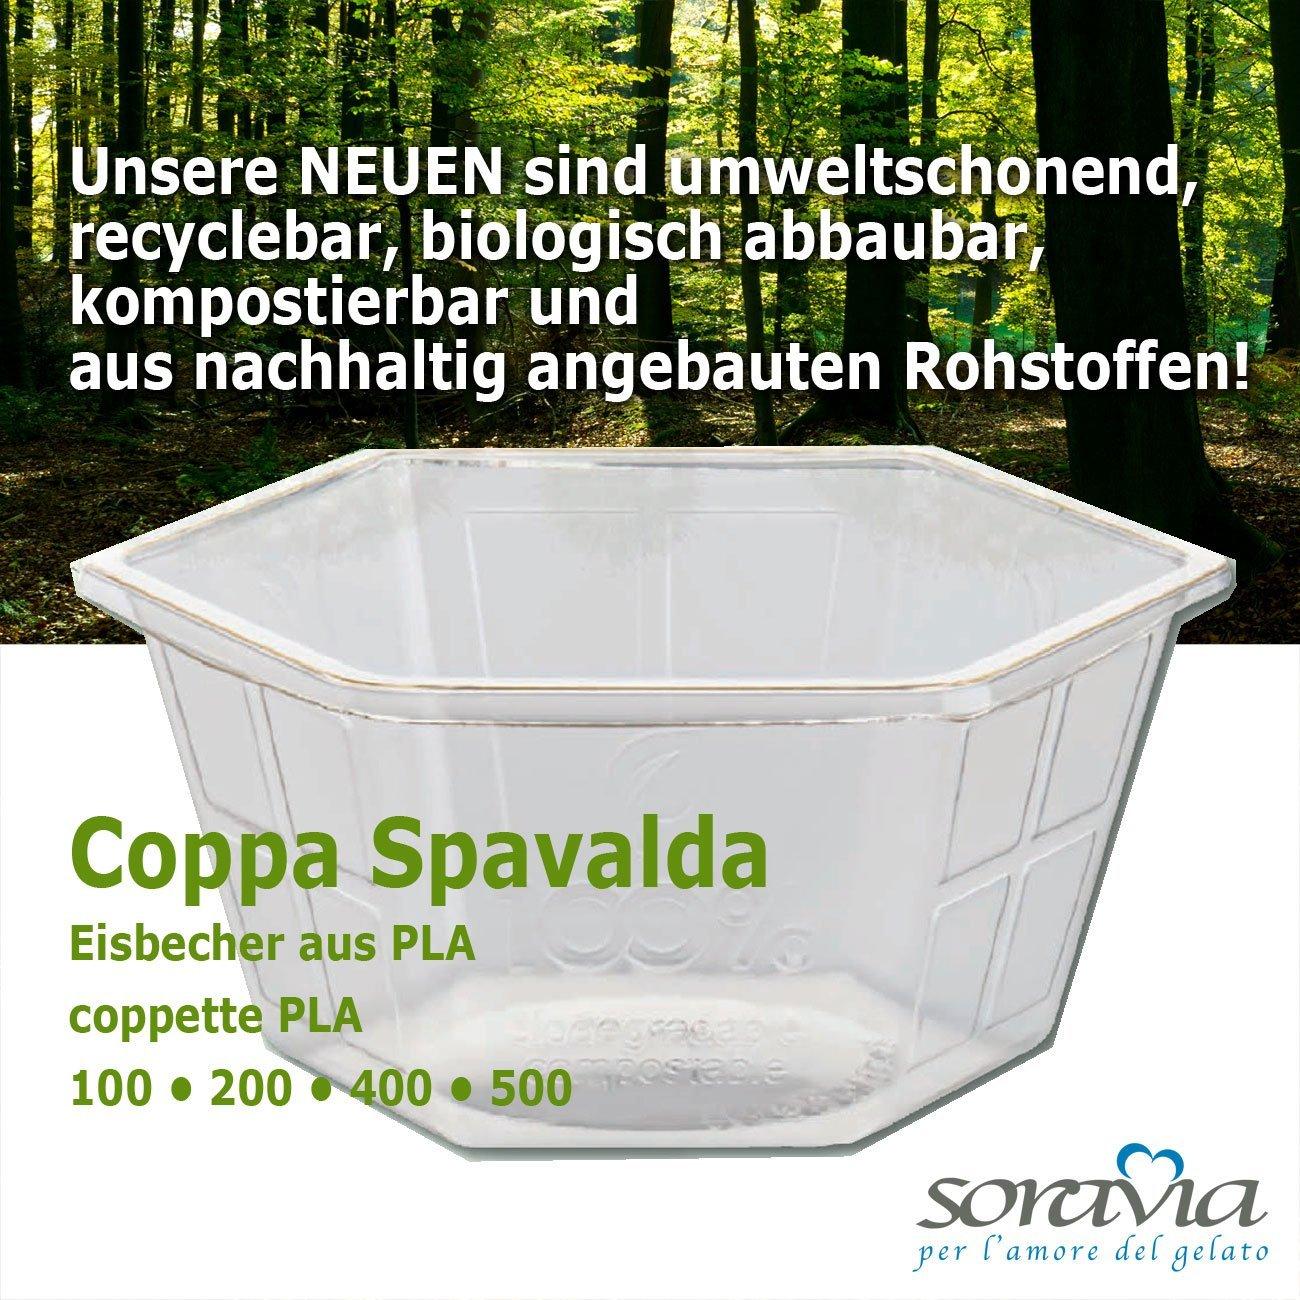 Coppa Spavalda 200 PLA - box 1600 pieces - Ice cup biodegradable Plastic - coppa plastica PLA